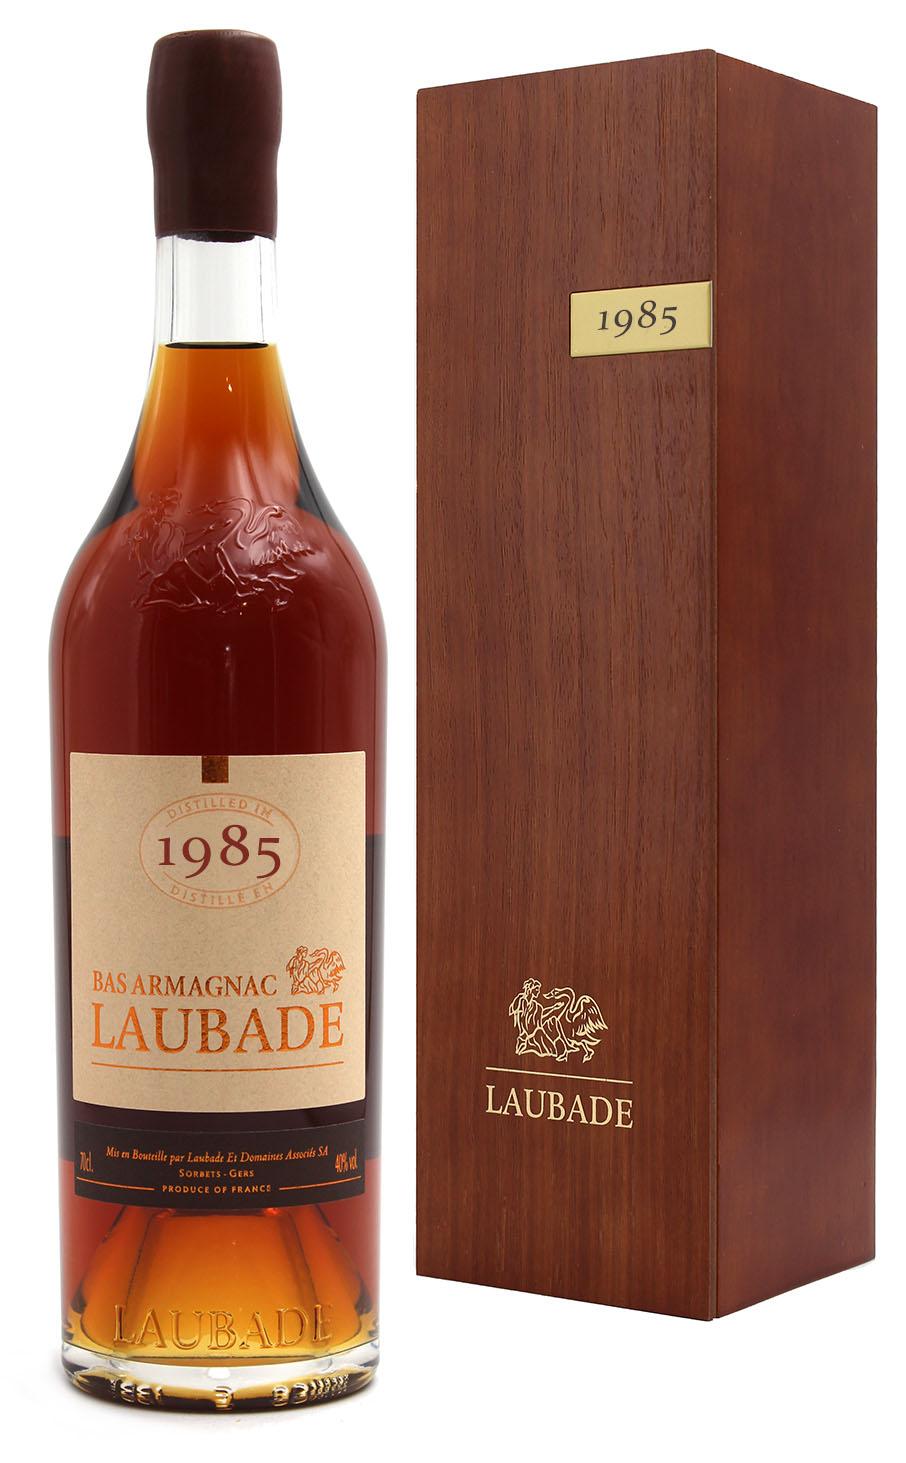 Bas Armagnac Laubade 1985  - 70cl